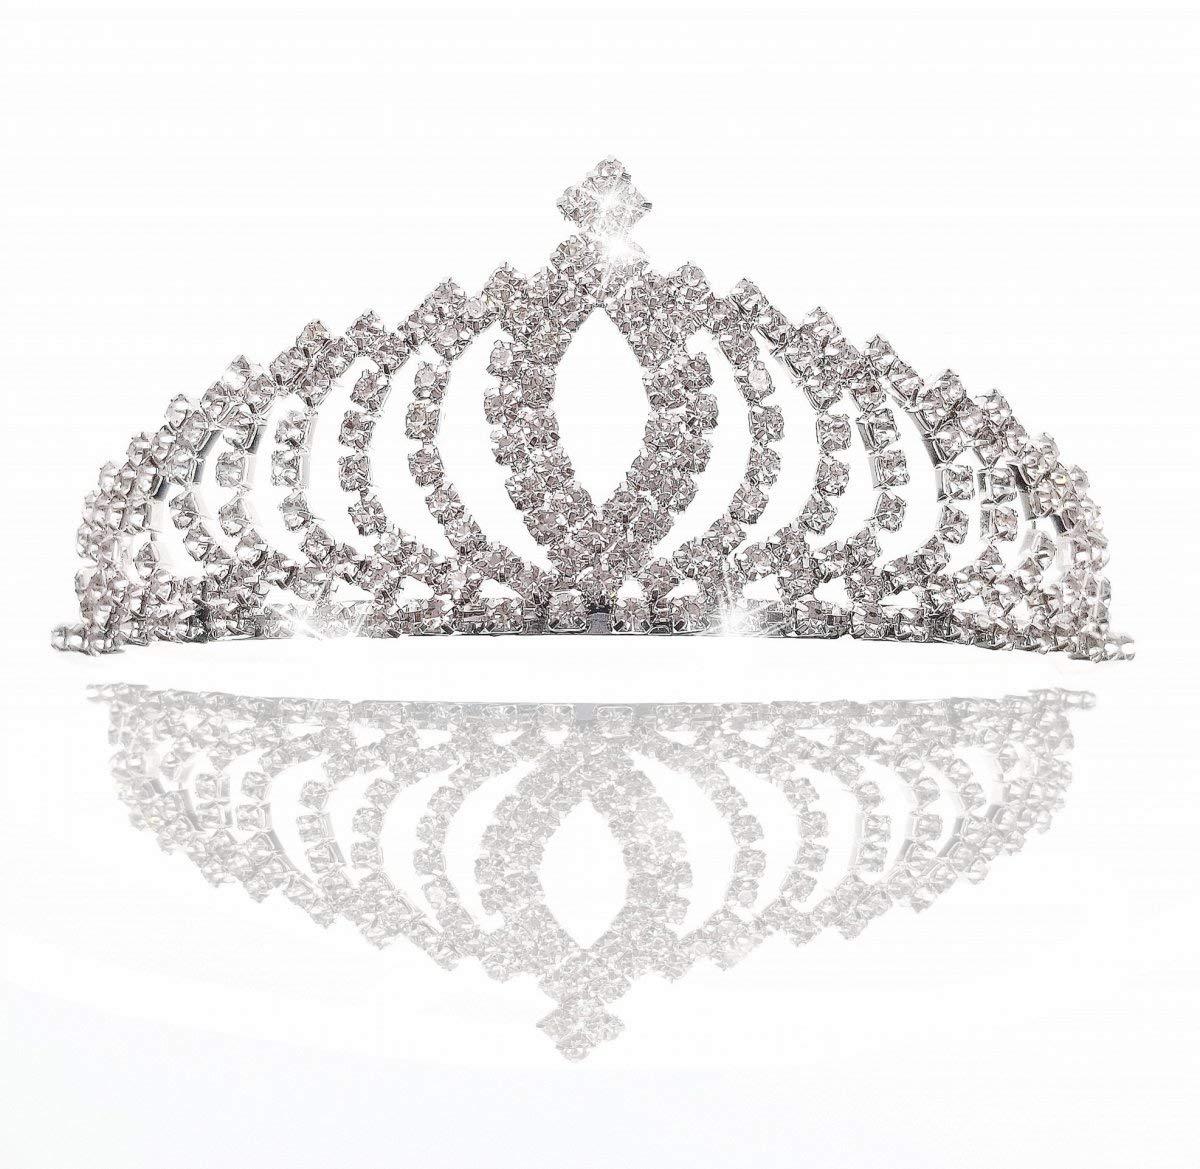 JZK Robe de Mariage Nuptiale Princesse Rhinestone de la Couronne de Cristal pour Les Enfants et Les Adultes, en Alliage d'aluminium en métal plaqué Argent diadème en Alliage d'aluminium en métal plaqué Argent diadème